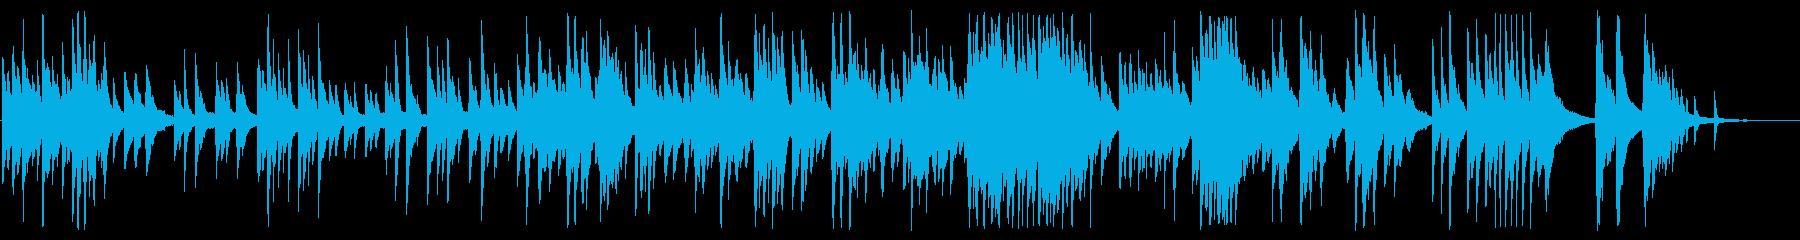 優しいメロディのソロピアノ曲の再生済みの波形